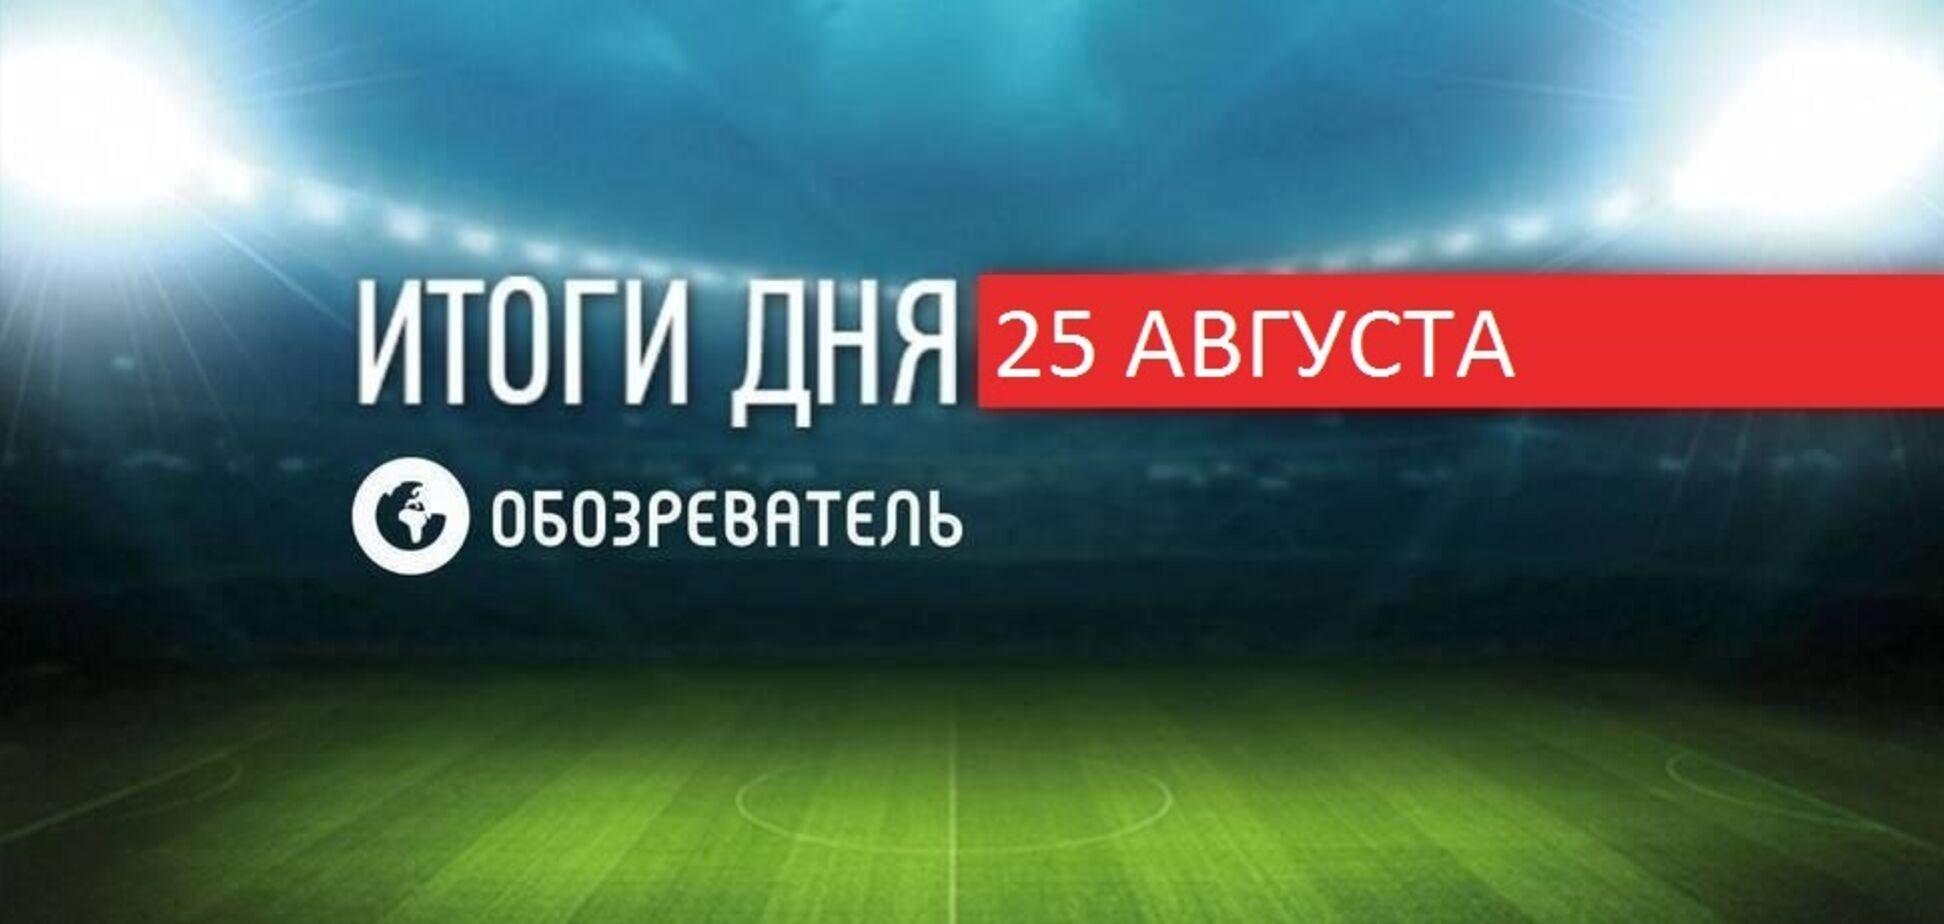 Луческу з 'Динамо' обіграв 'Шахтар' у Суперкубку: спортивні підсумки 25 серпня